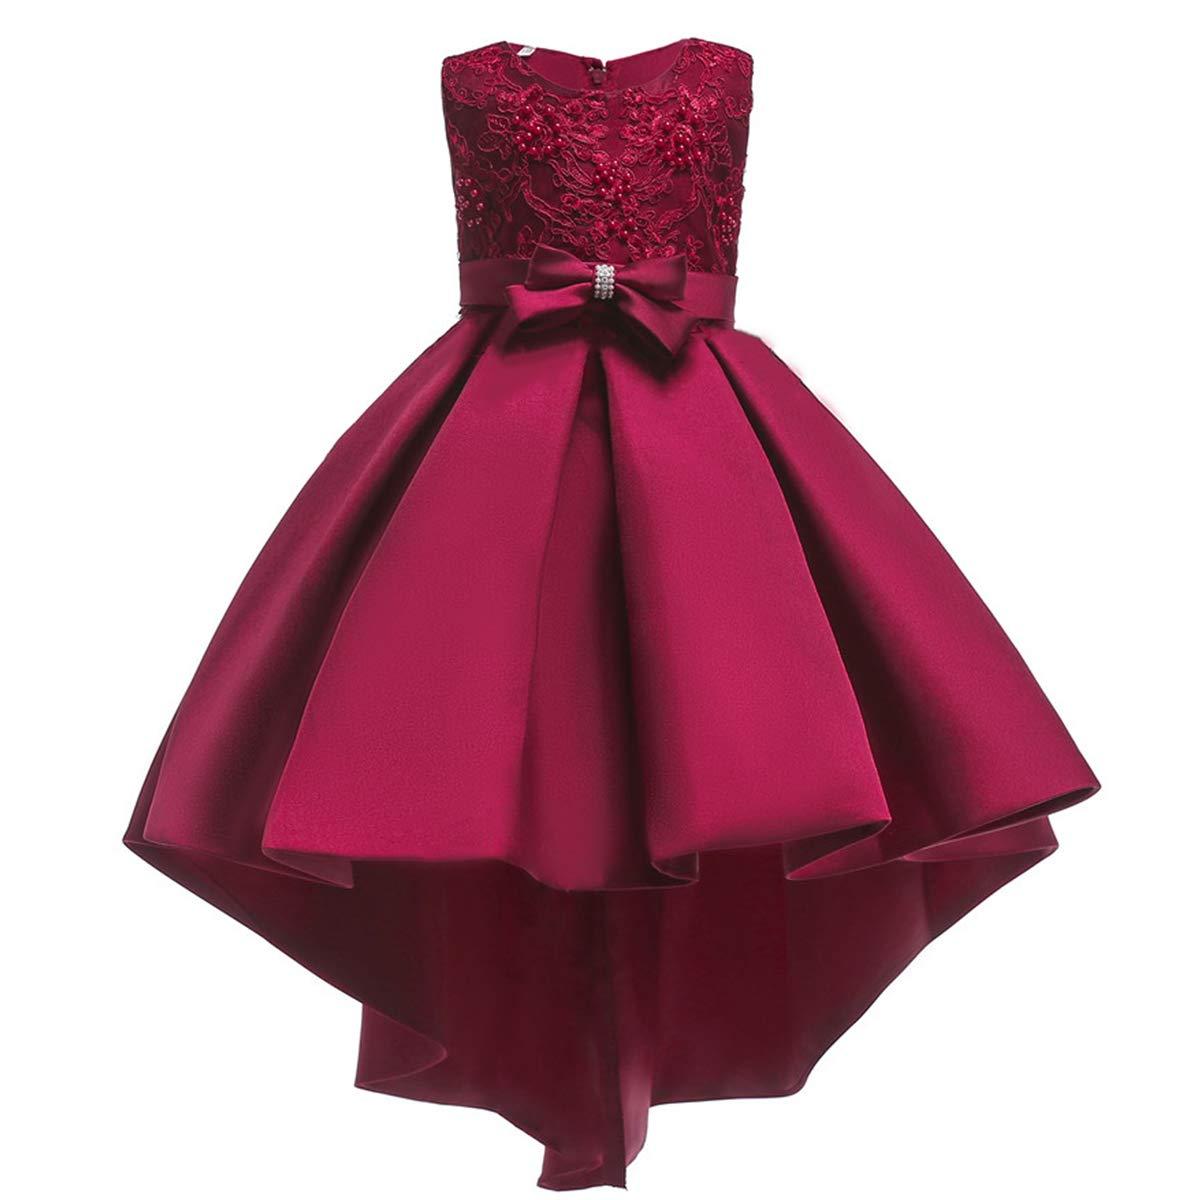 Abiti Eleganti 12 Anni.Bambine E Ragazze Abbigliamento Obeeii Abito Da Principessa Con